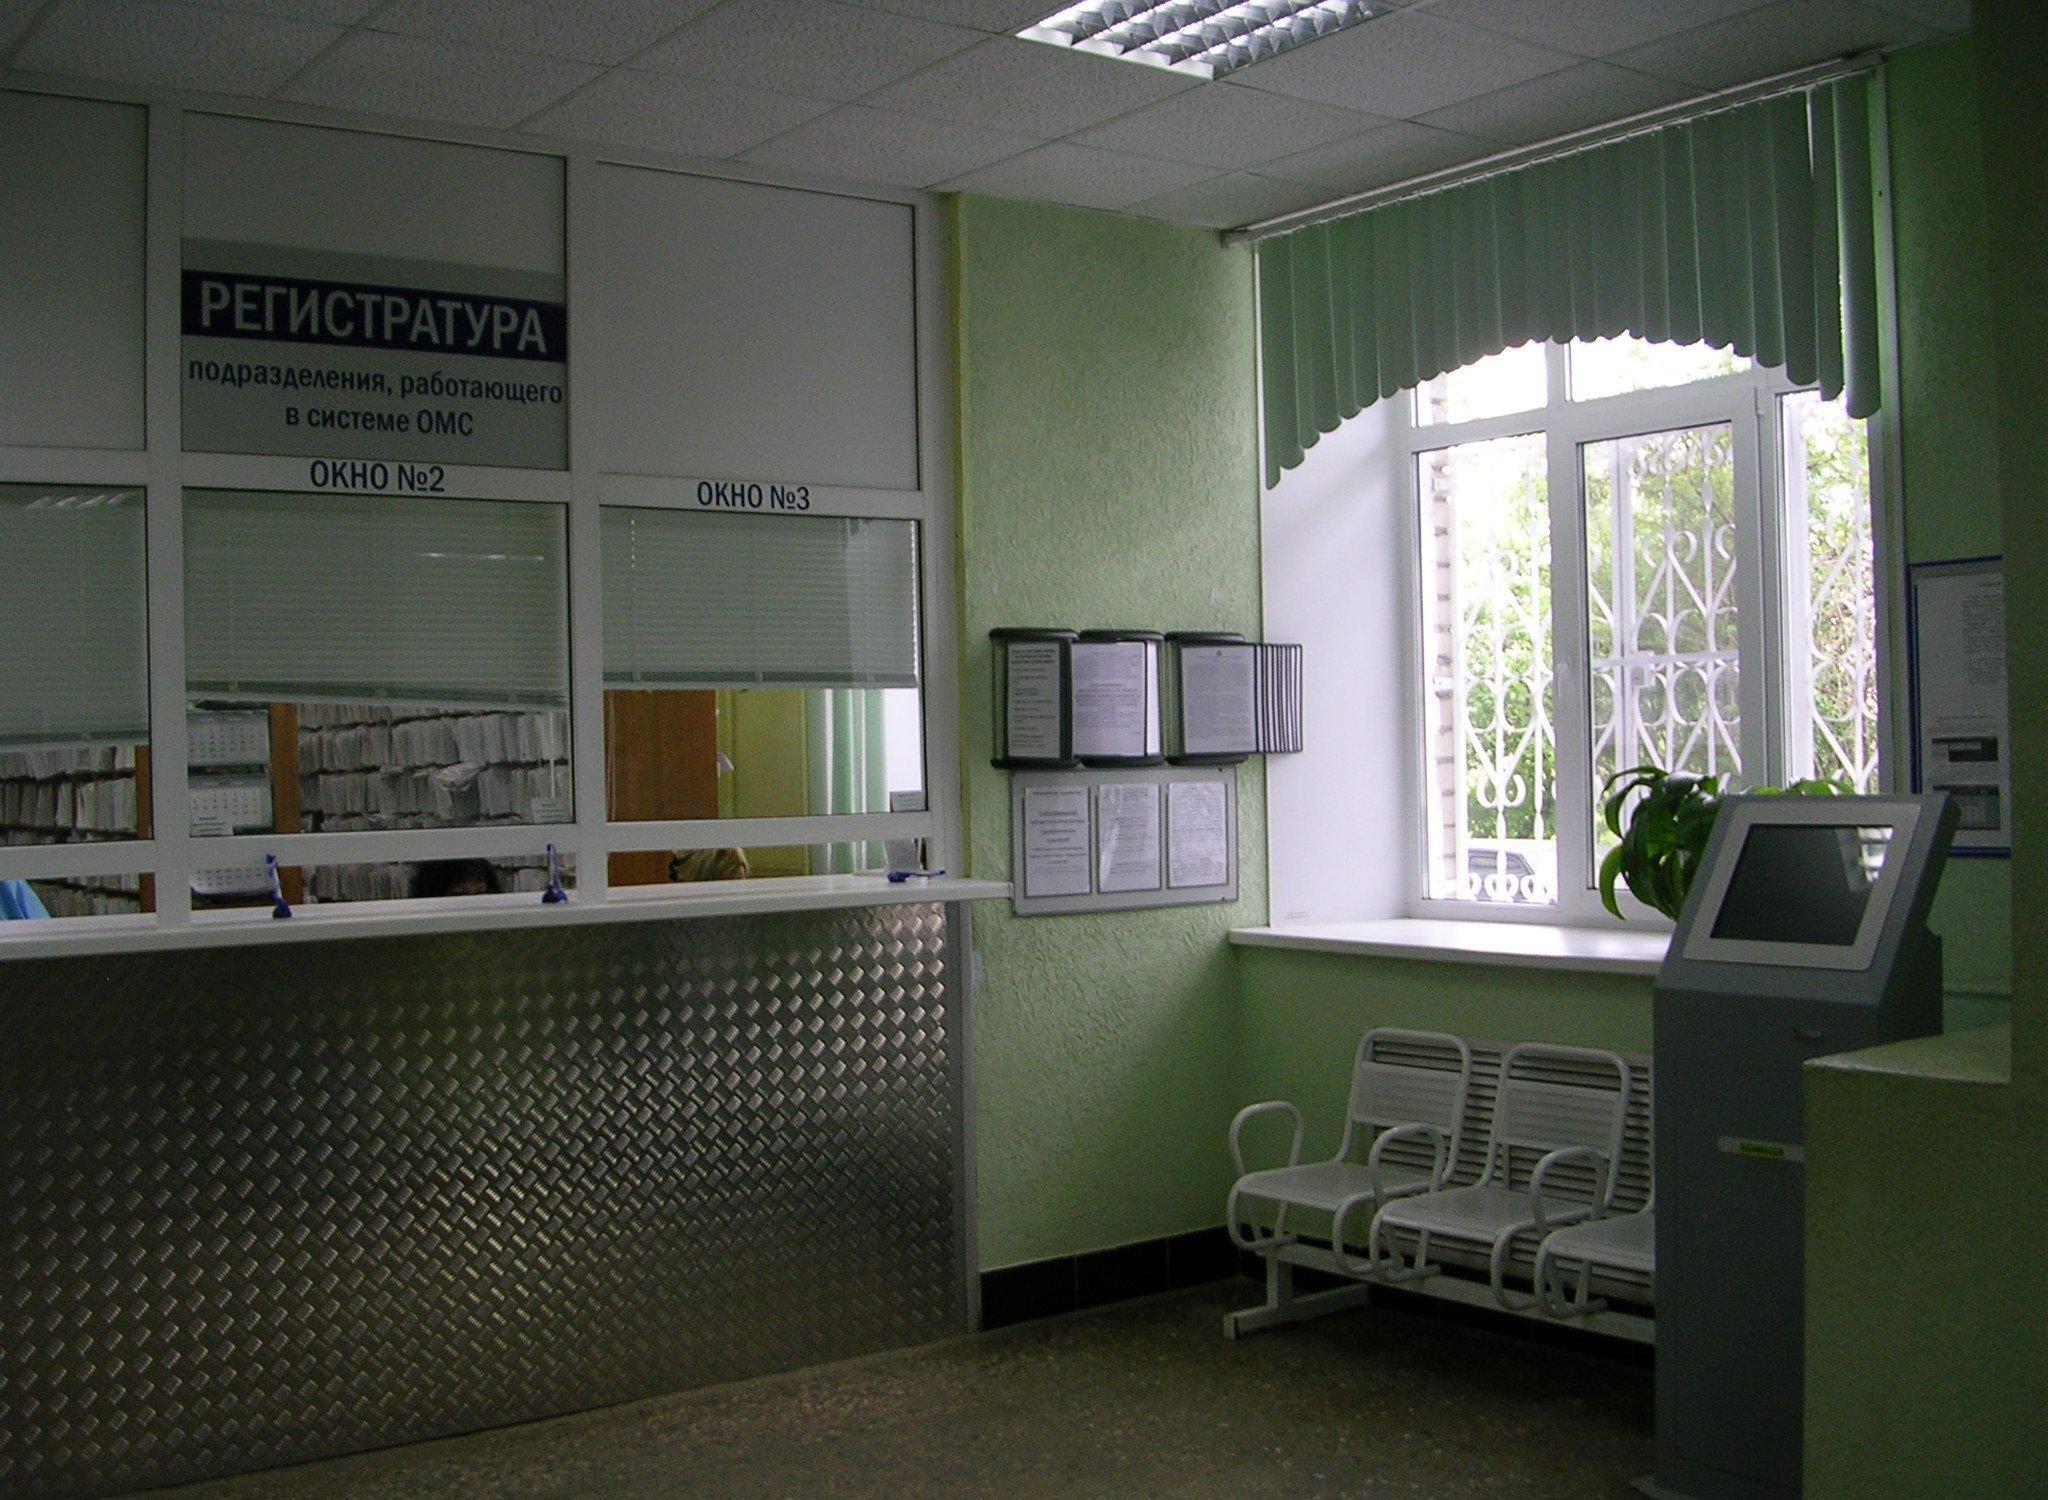 Номер регистратуры в городе александров